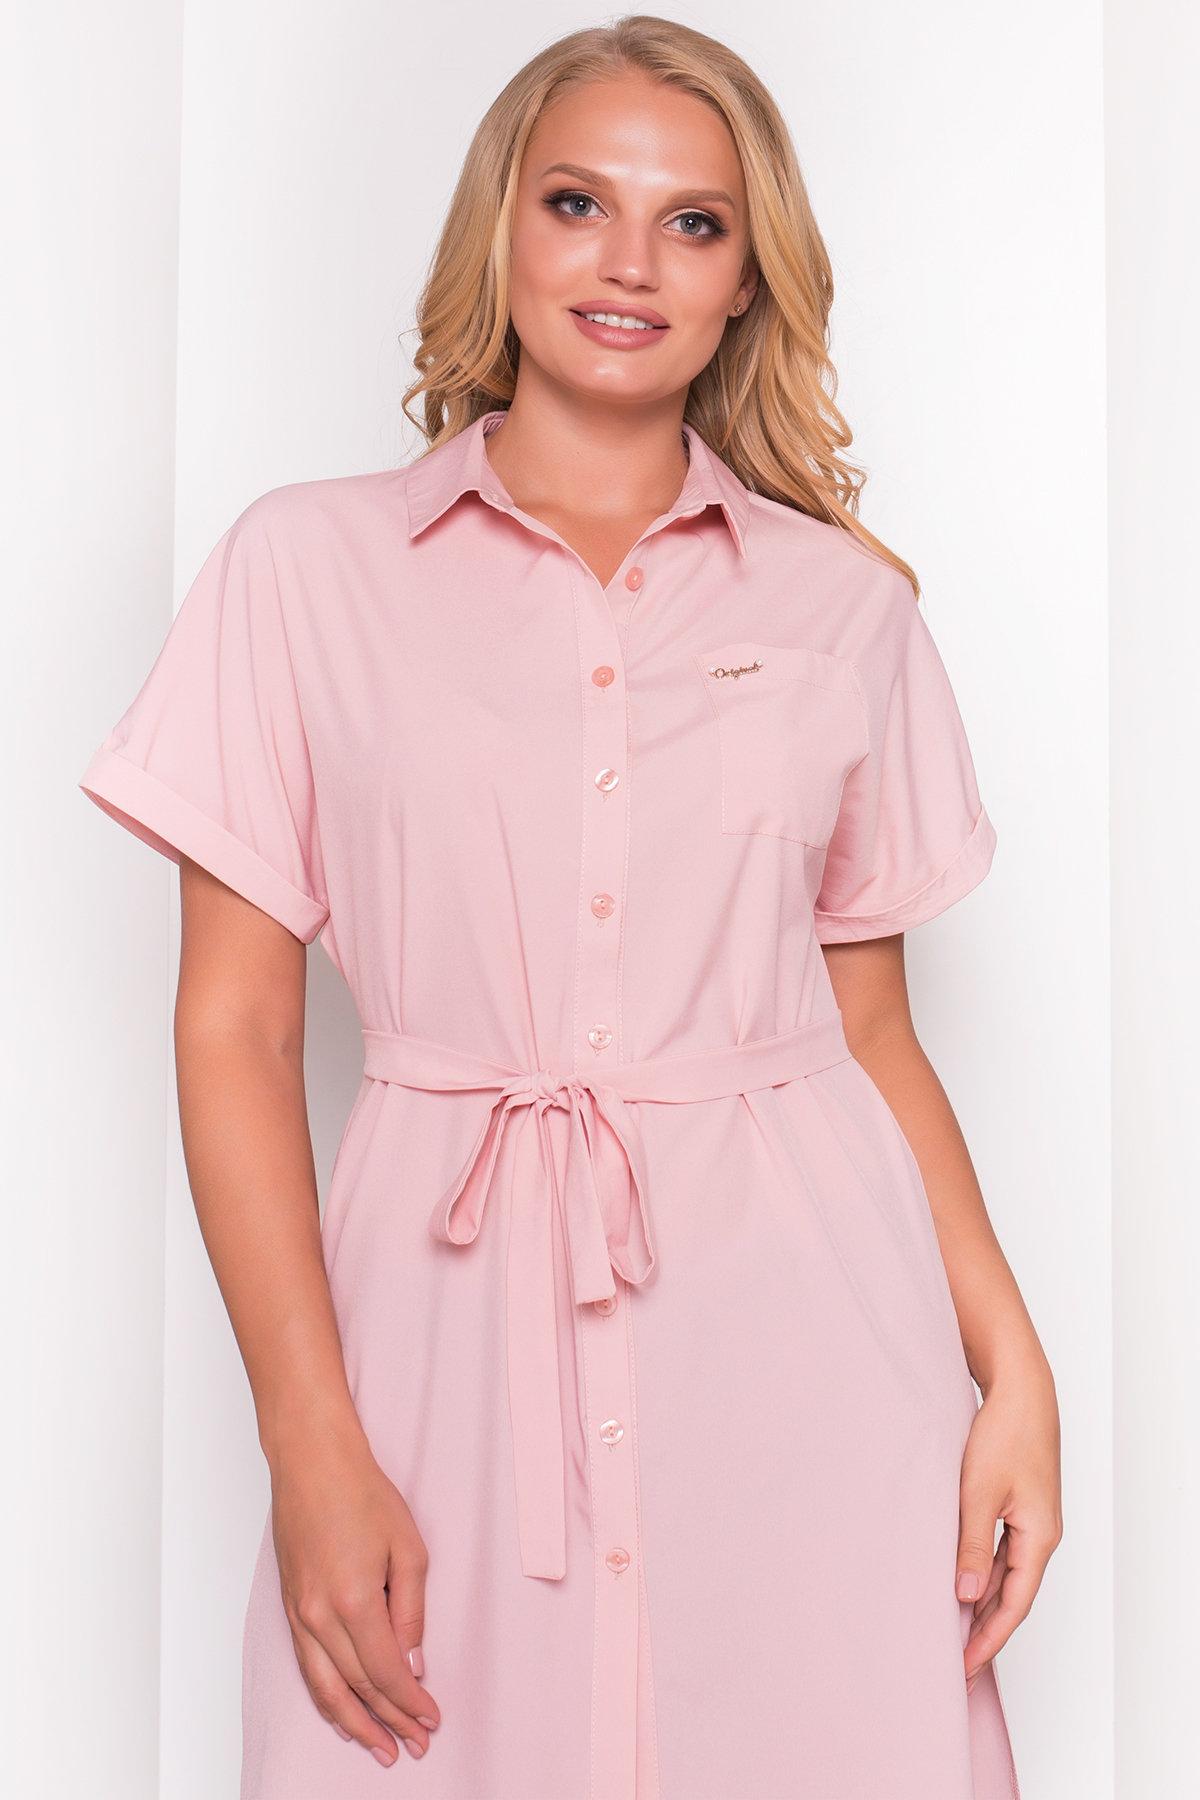 Платье-рубашка Шиен Donna 5088 АРТ. 36129 Цвет: Персик - фото 4, интернет магазин tm-modus.ru